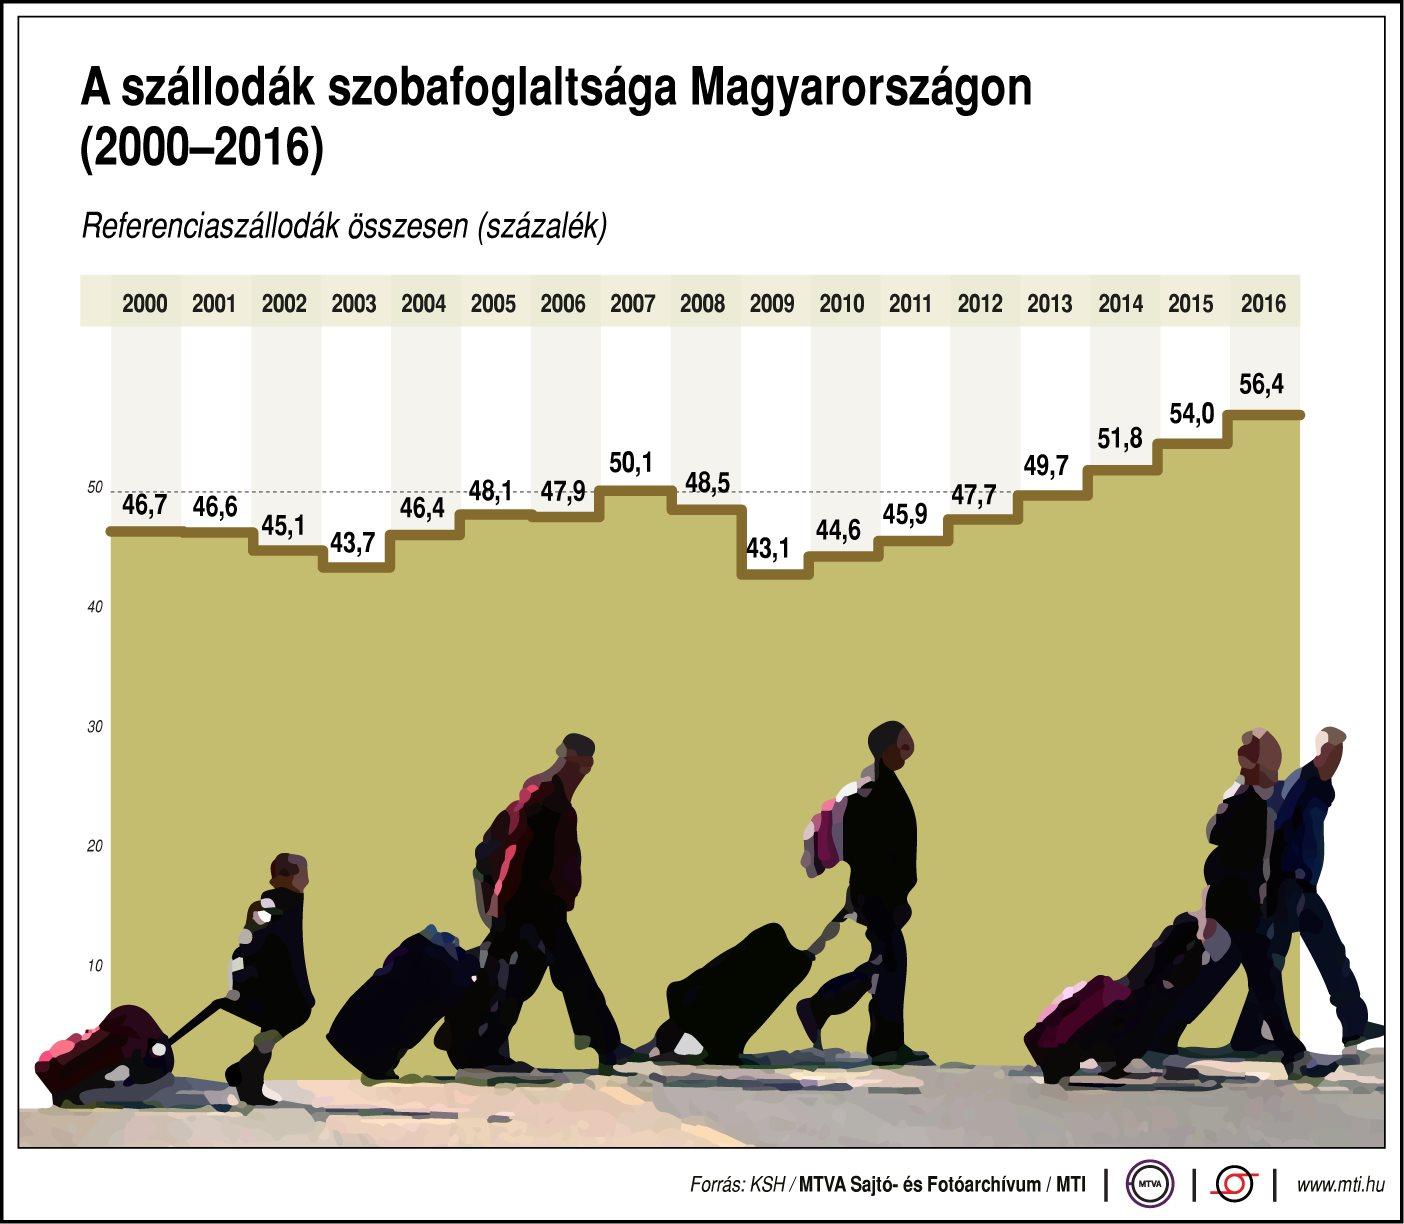 A szállodák szobafoglaltsága Magyarországon - ábra